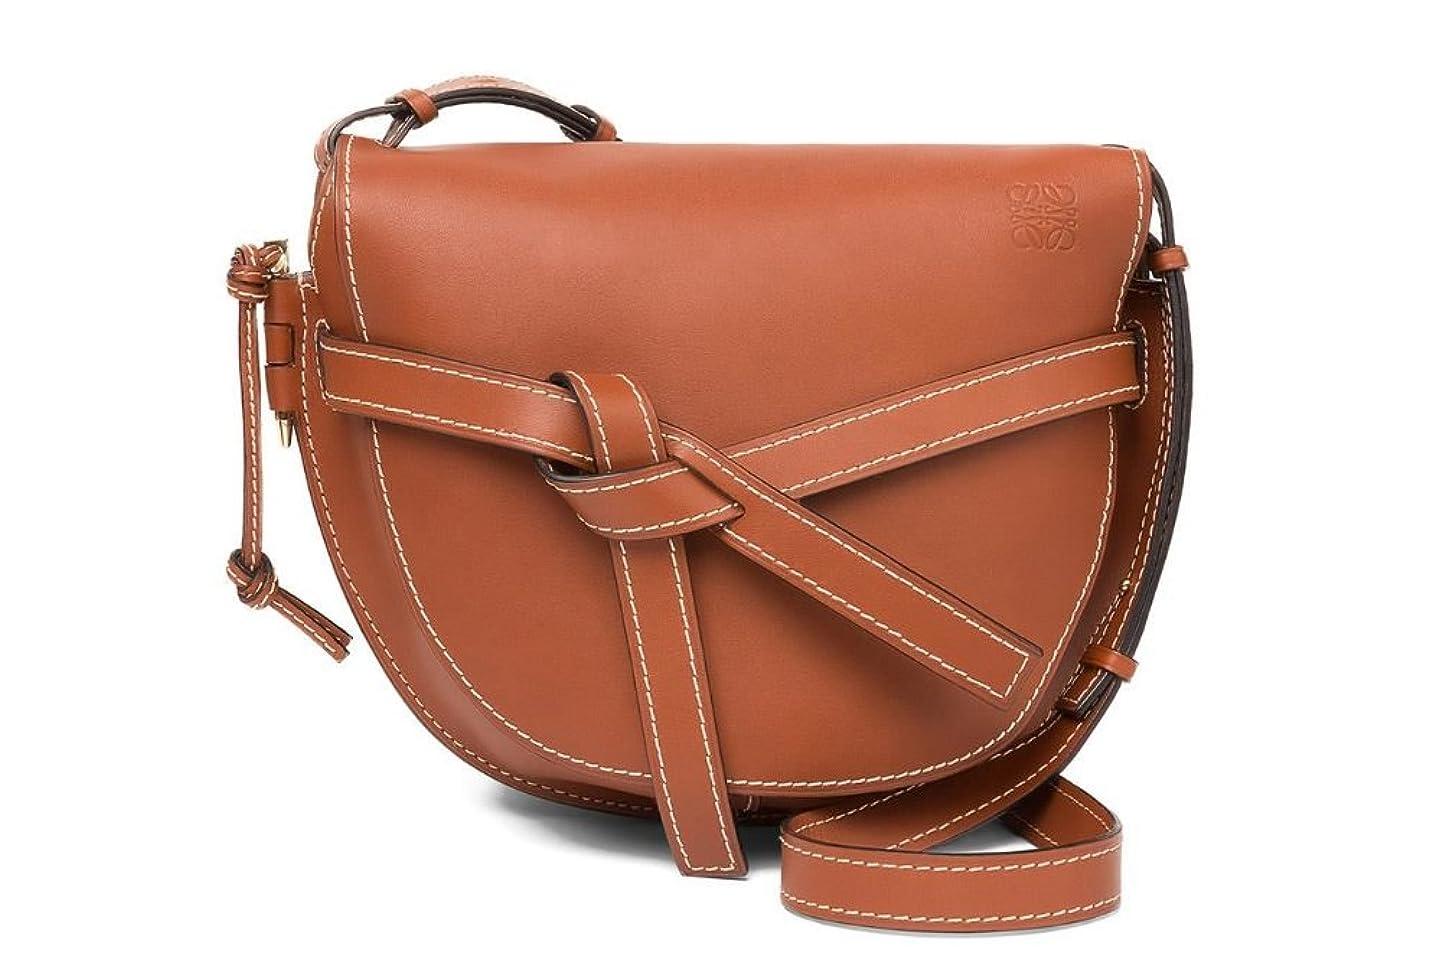 コテージ散逸ブレース(ロエベ) LOEWE Women Gate Bag Rust Color レディースゲートバッグレストカラー (並行輸入品)